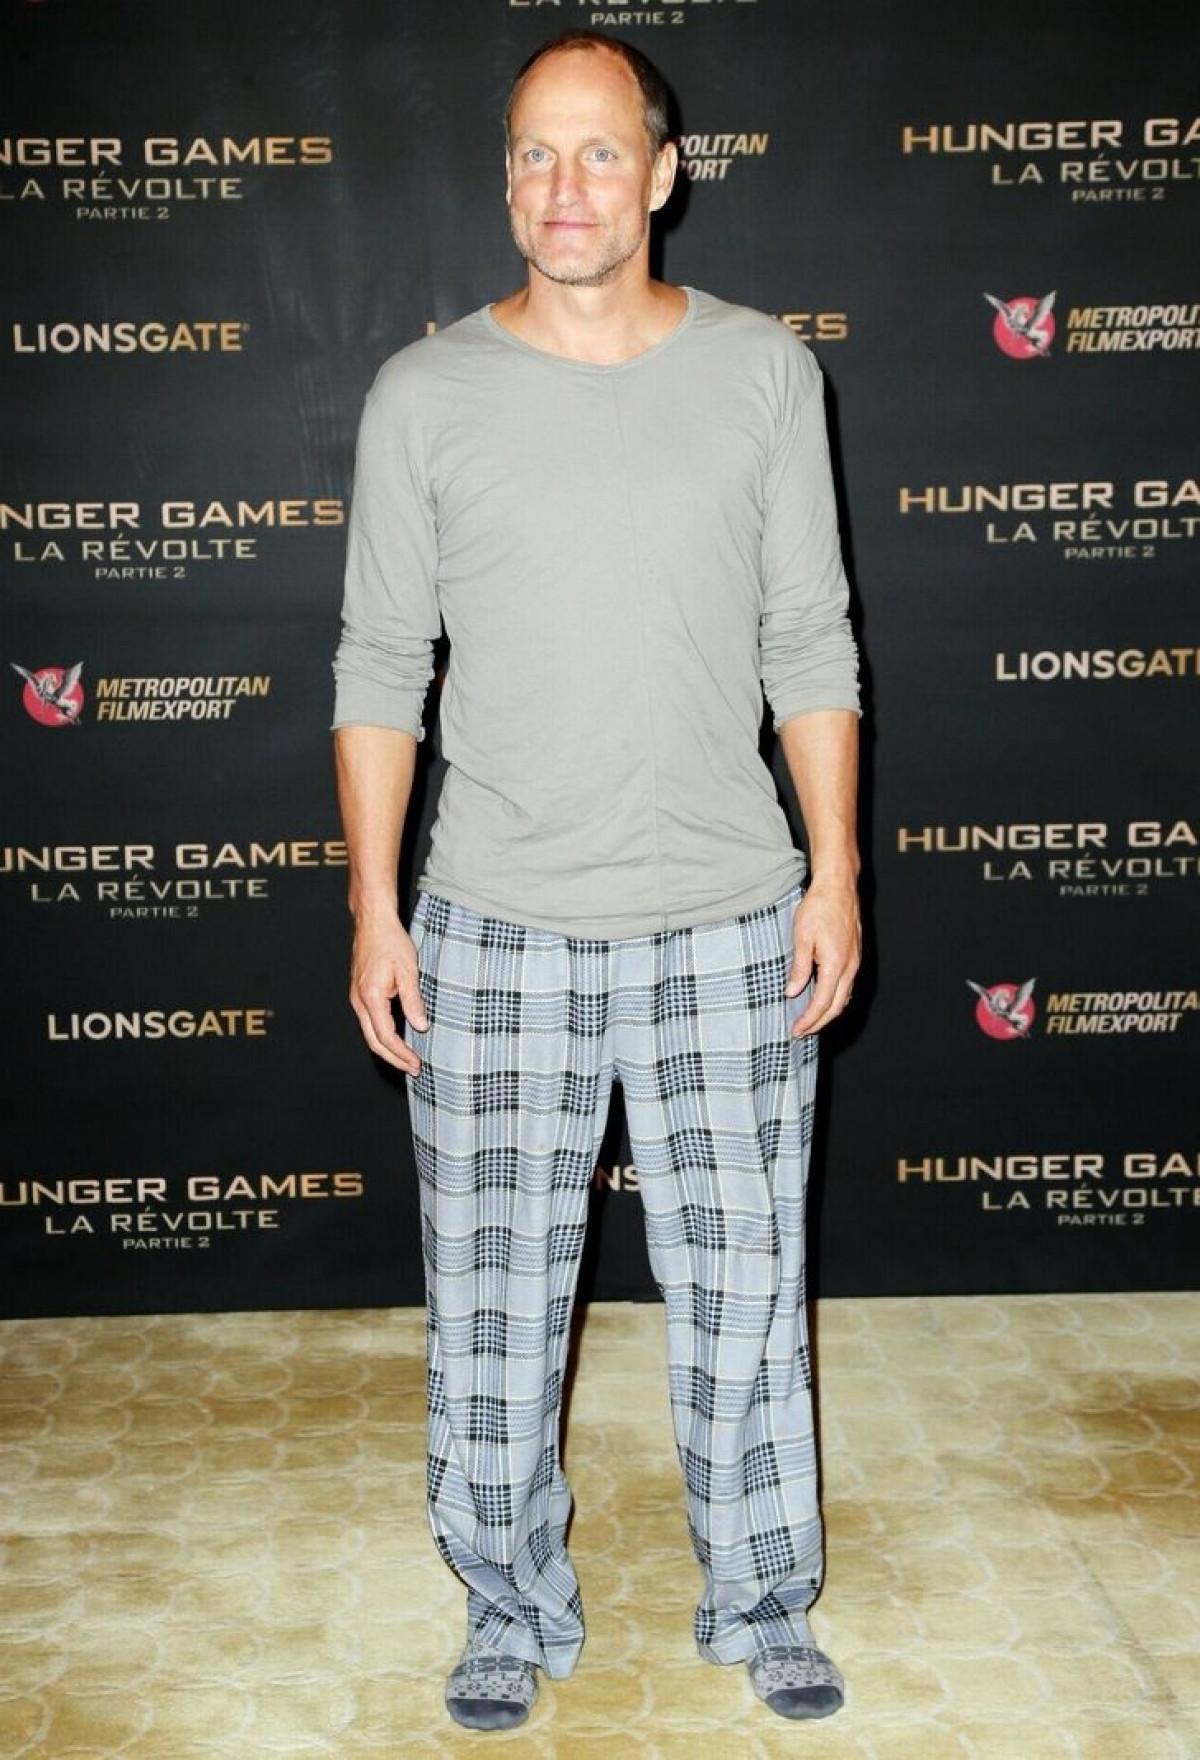 Sao Hollywood gây chú ý khi mặc đồ ngủ, đi chân đất lên thảm đỏ-3